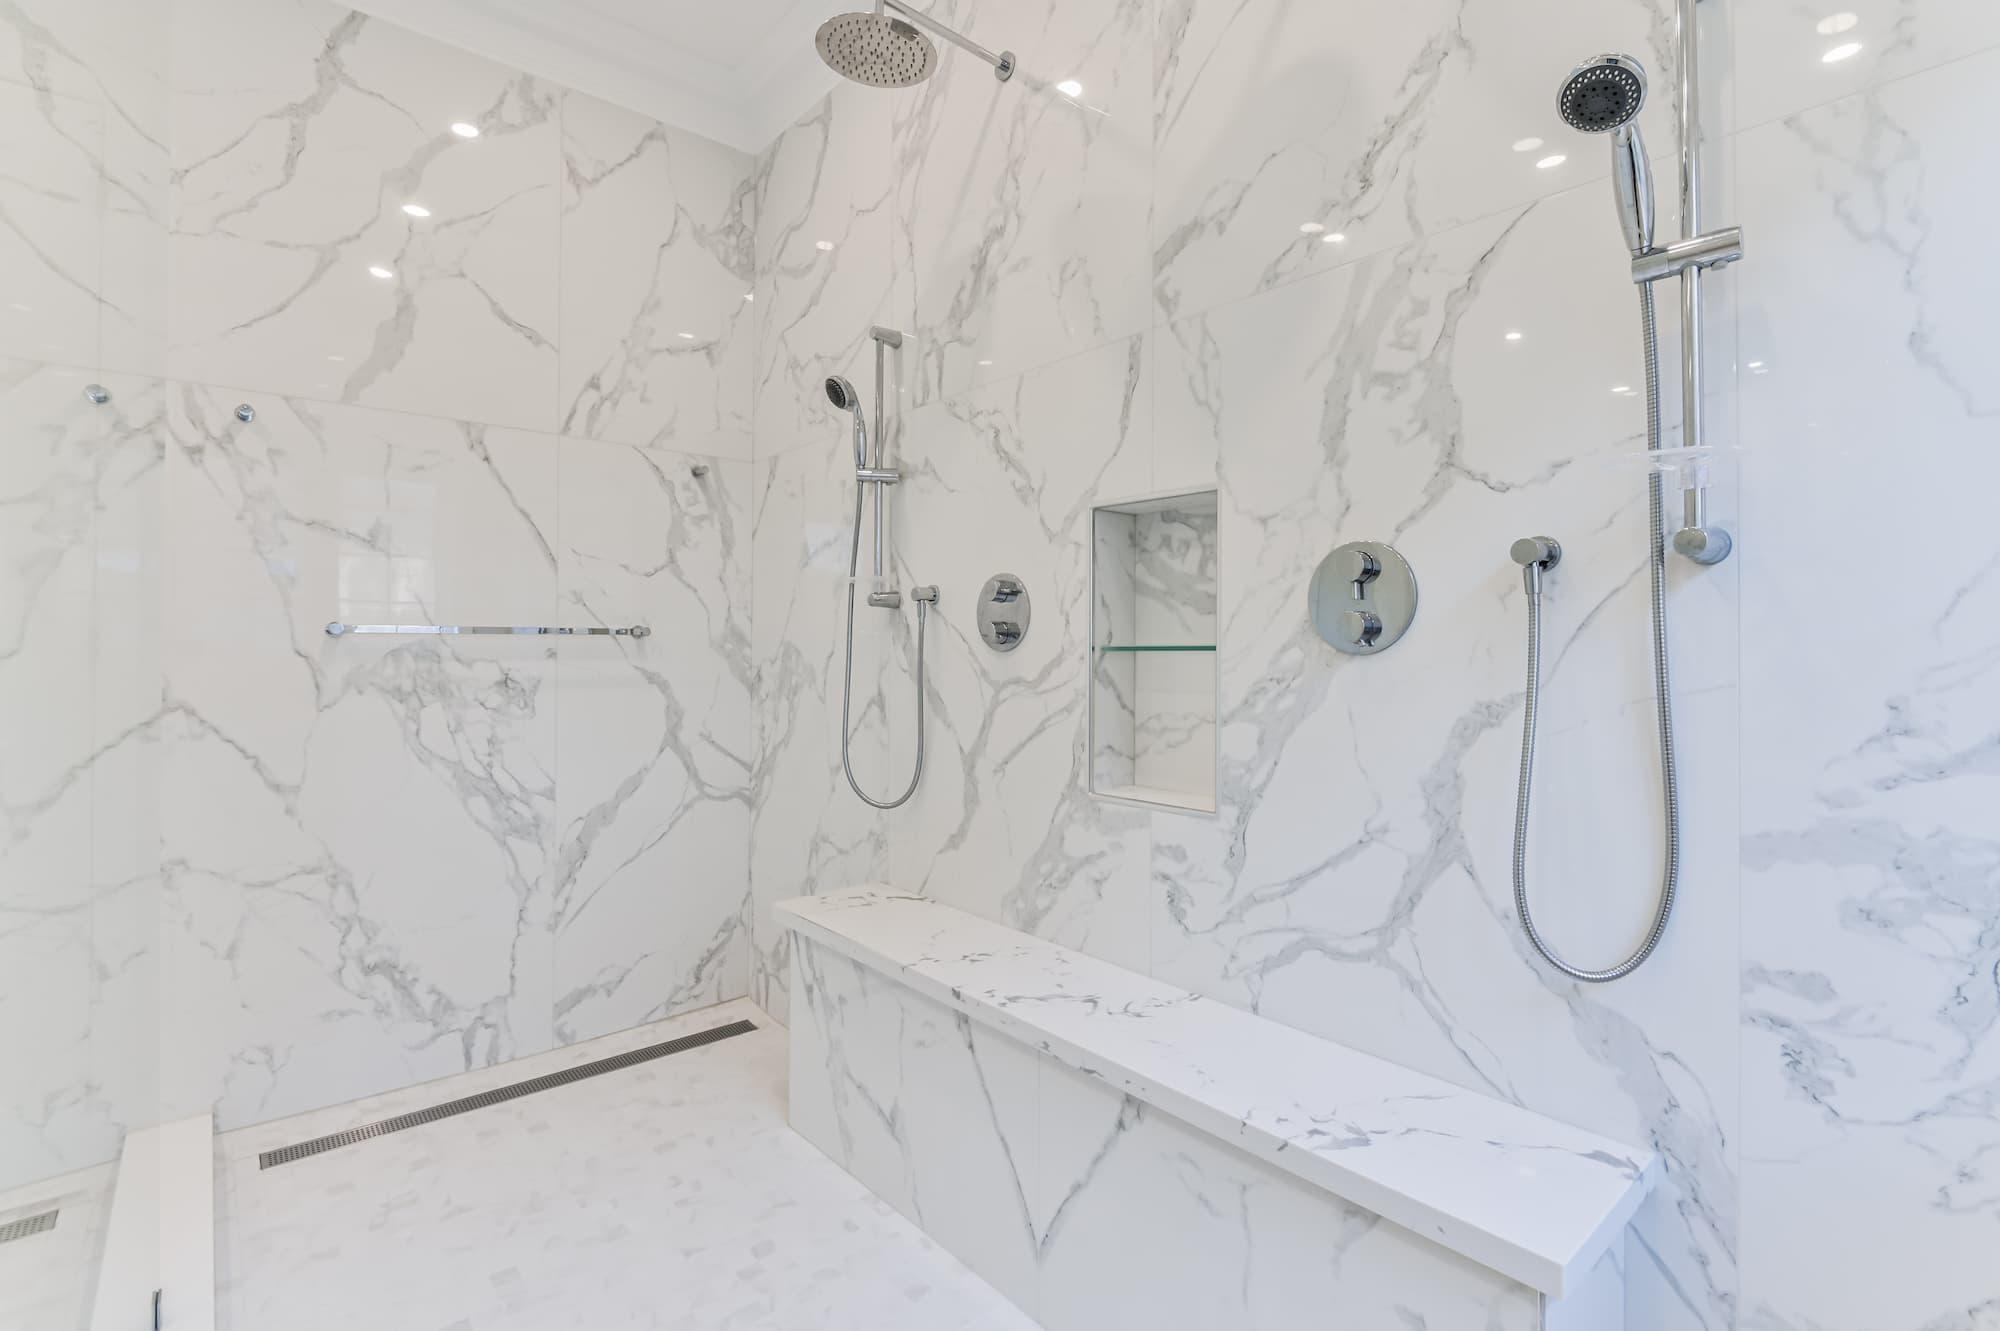 douche en céramique imitation de marbre avec banc intégré et alcôve